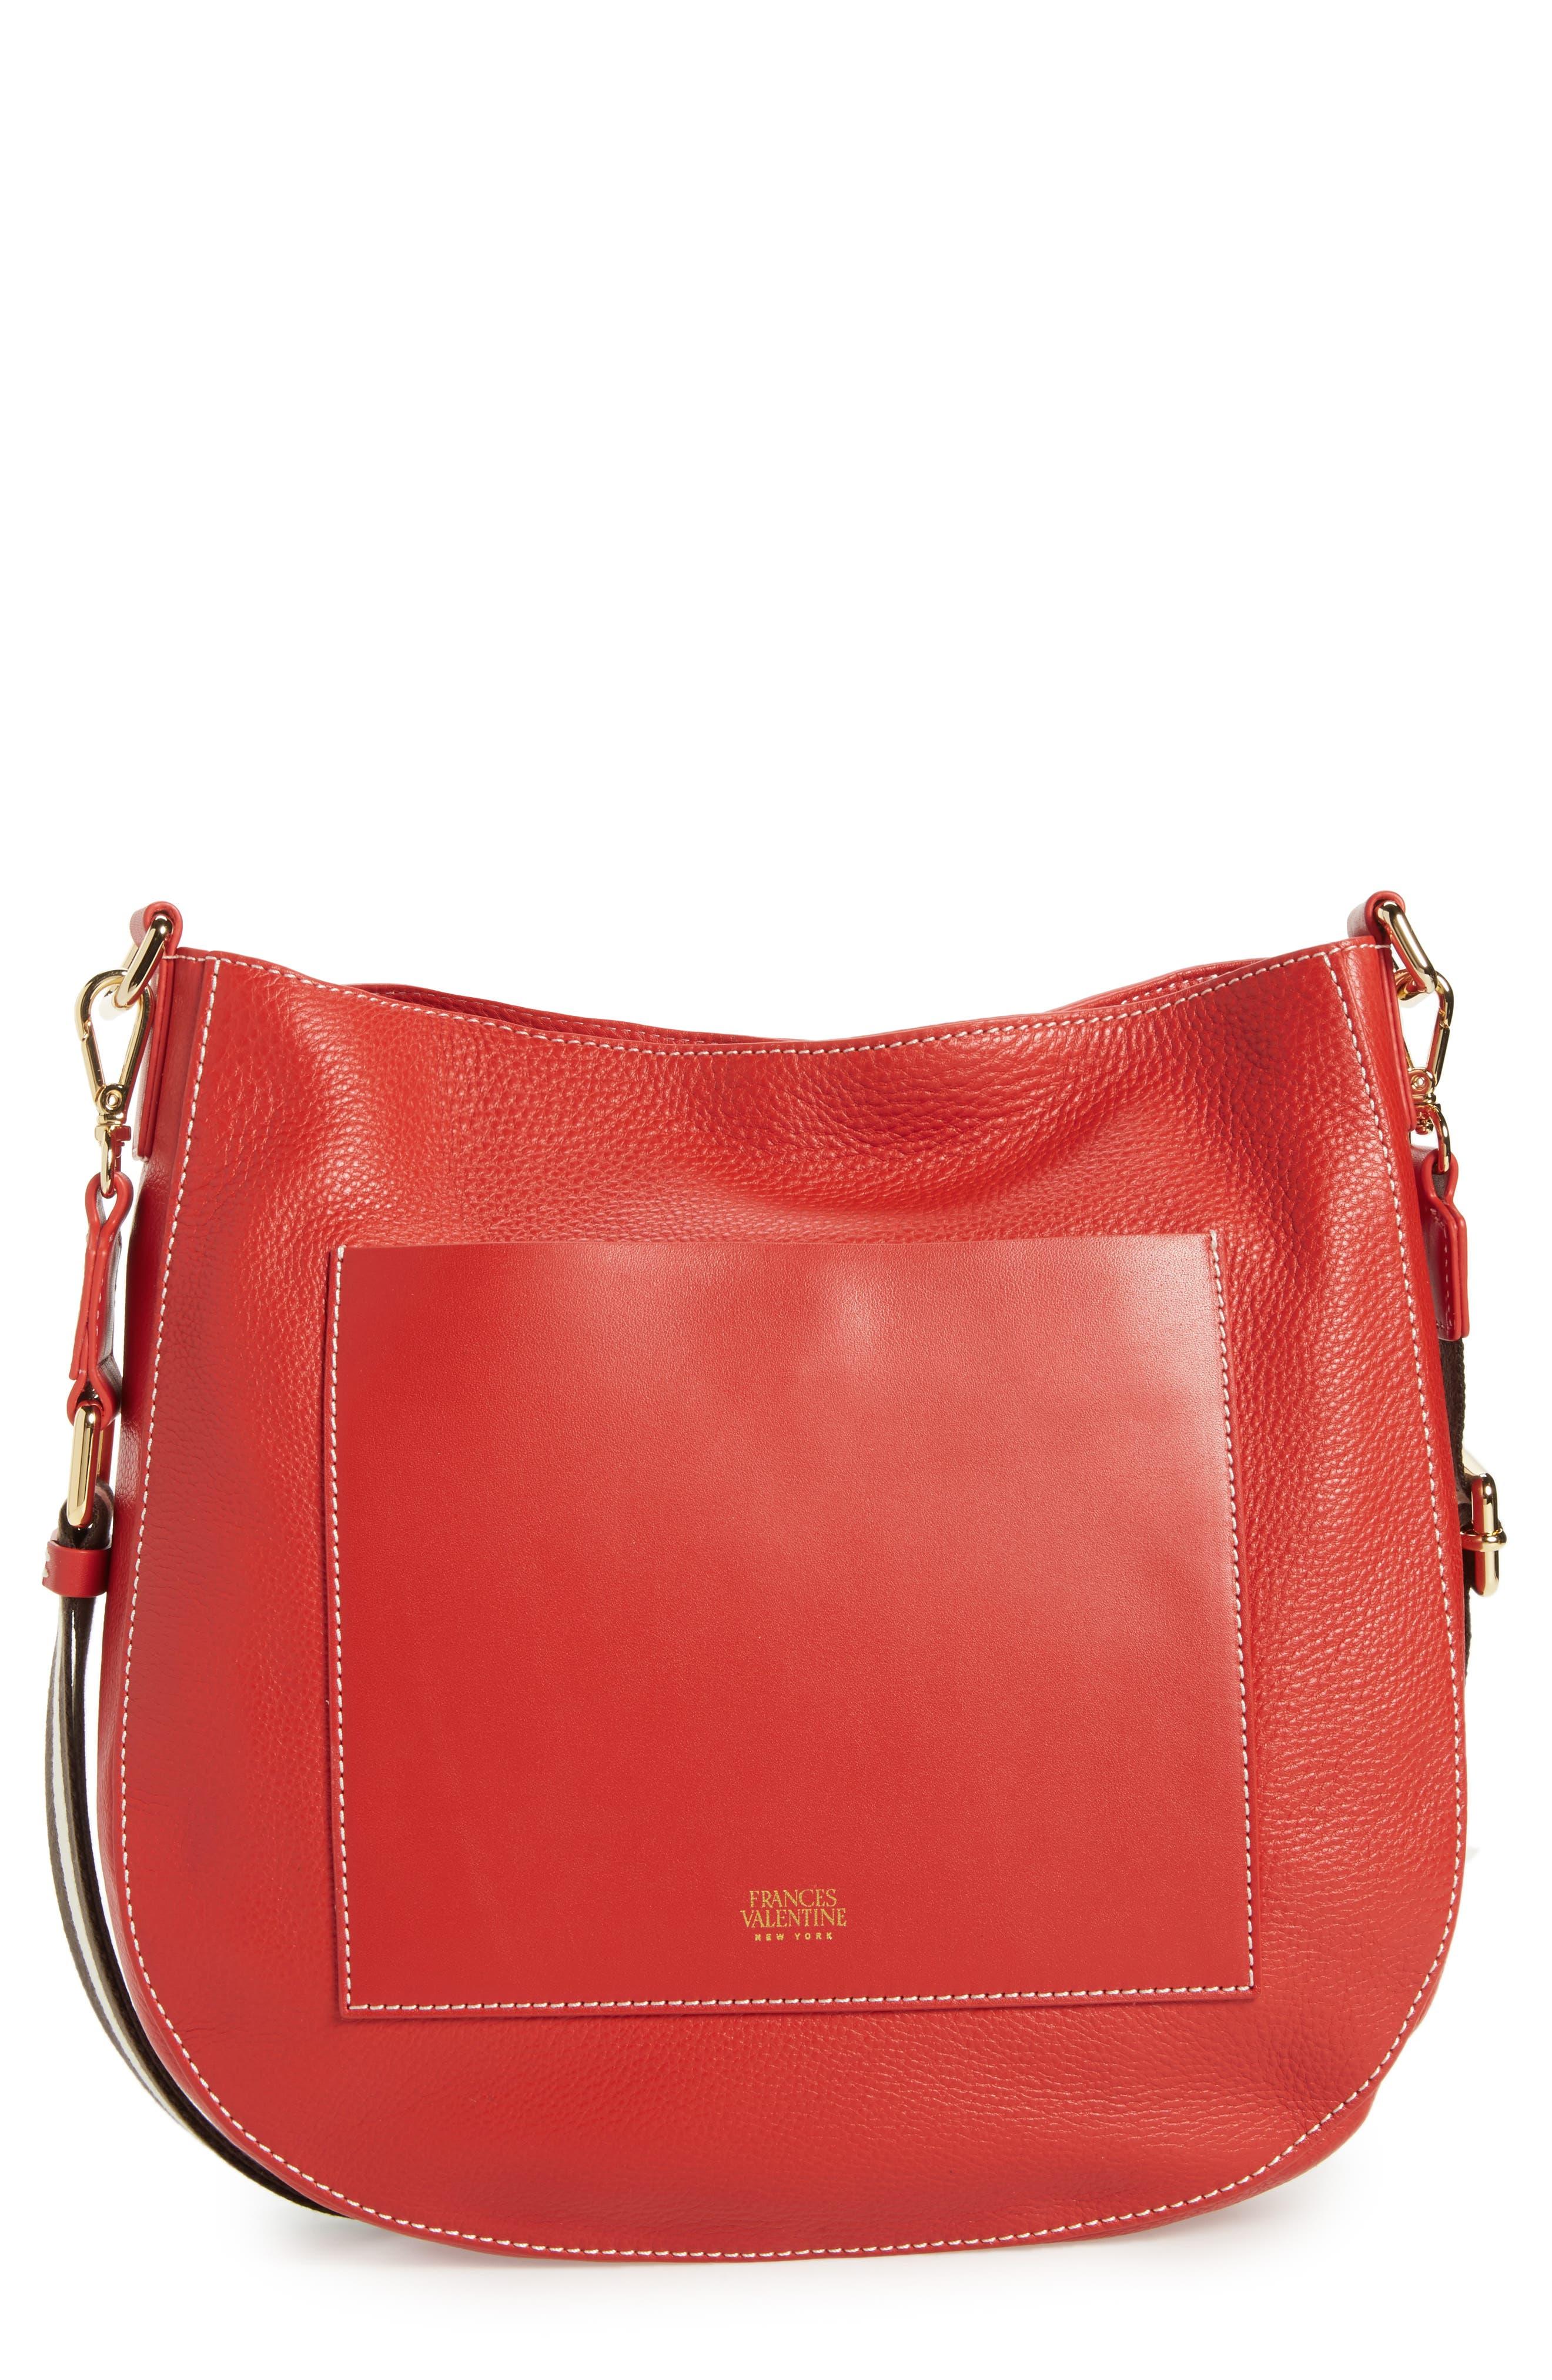 Frances Valentine Large Ellen Leather Crossbody Bag